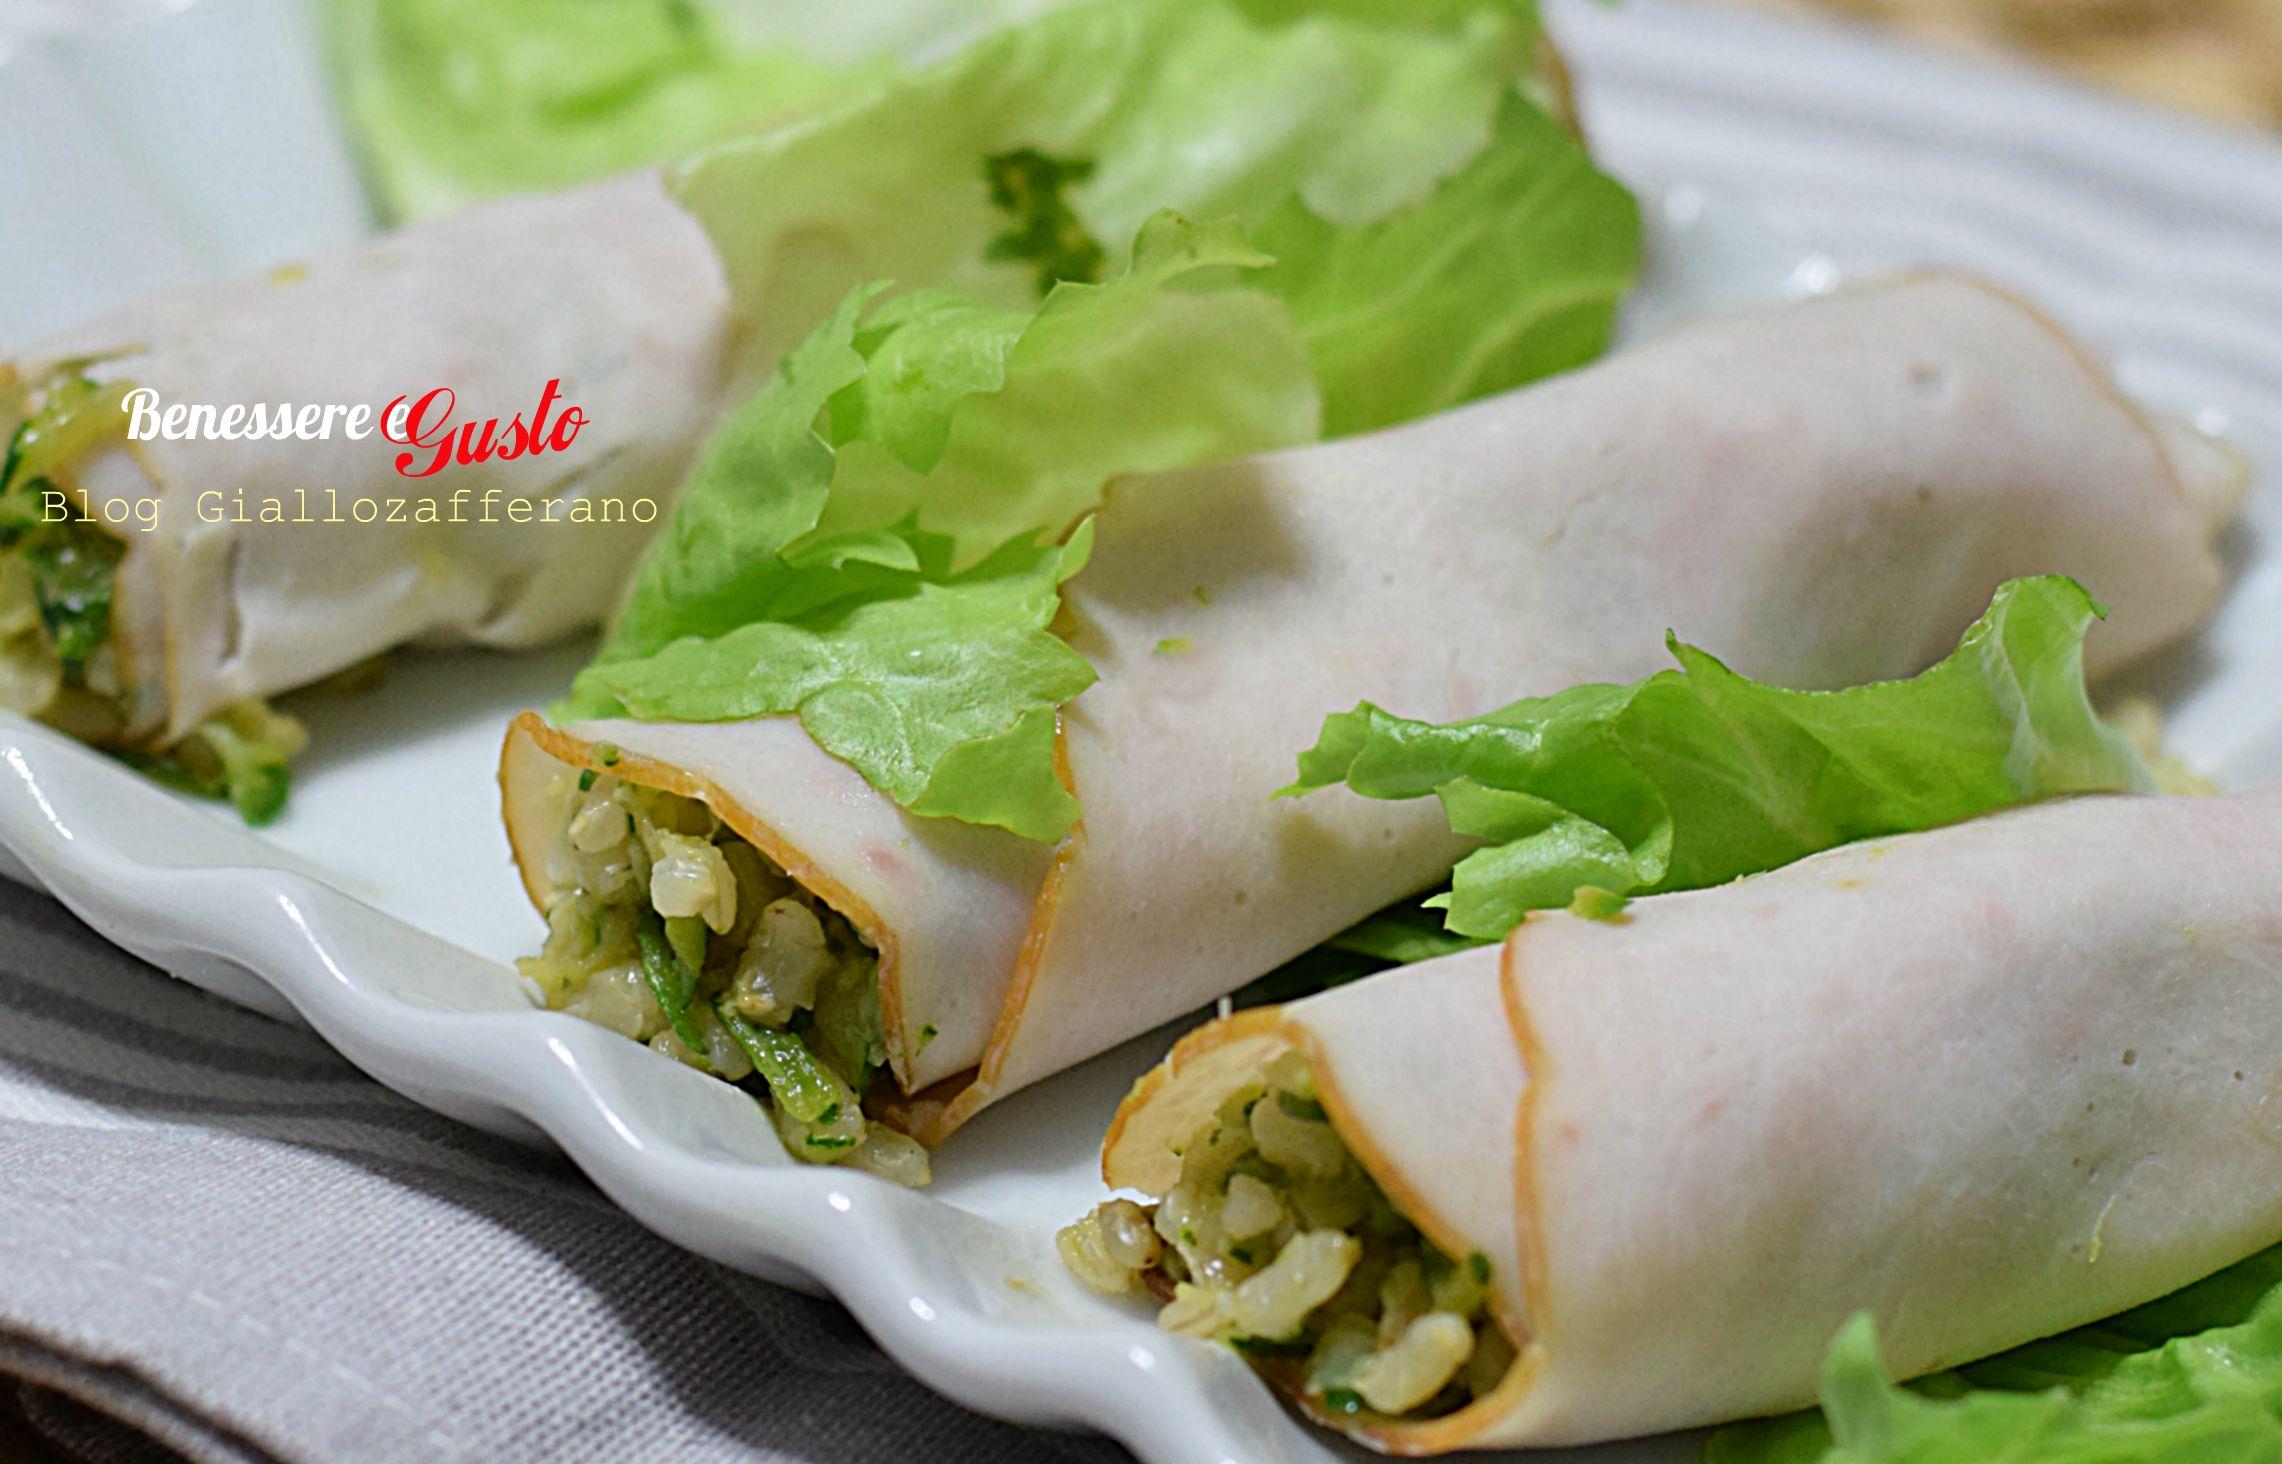 Involtini di Tacchino Light ricetta | Benessere e Gusto blog